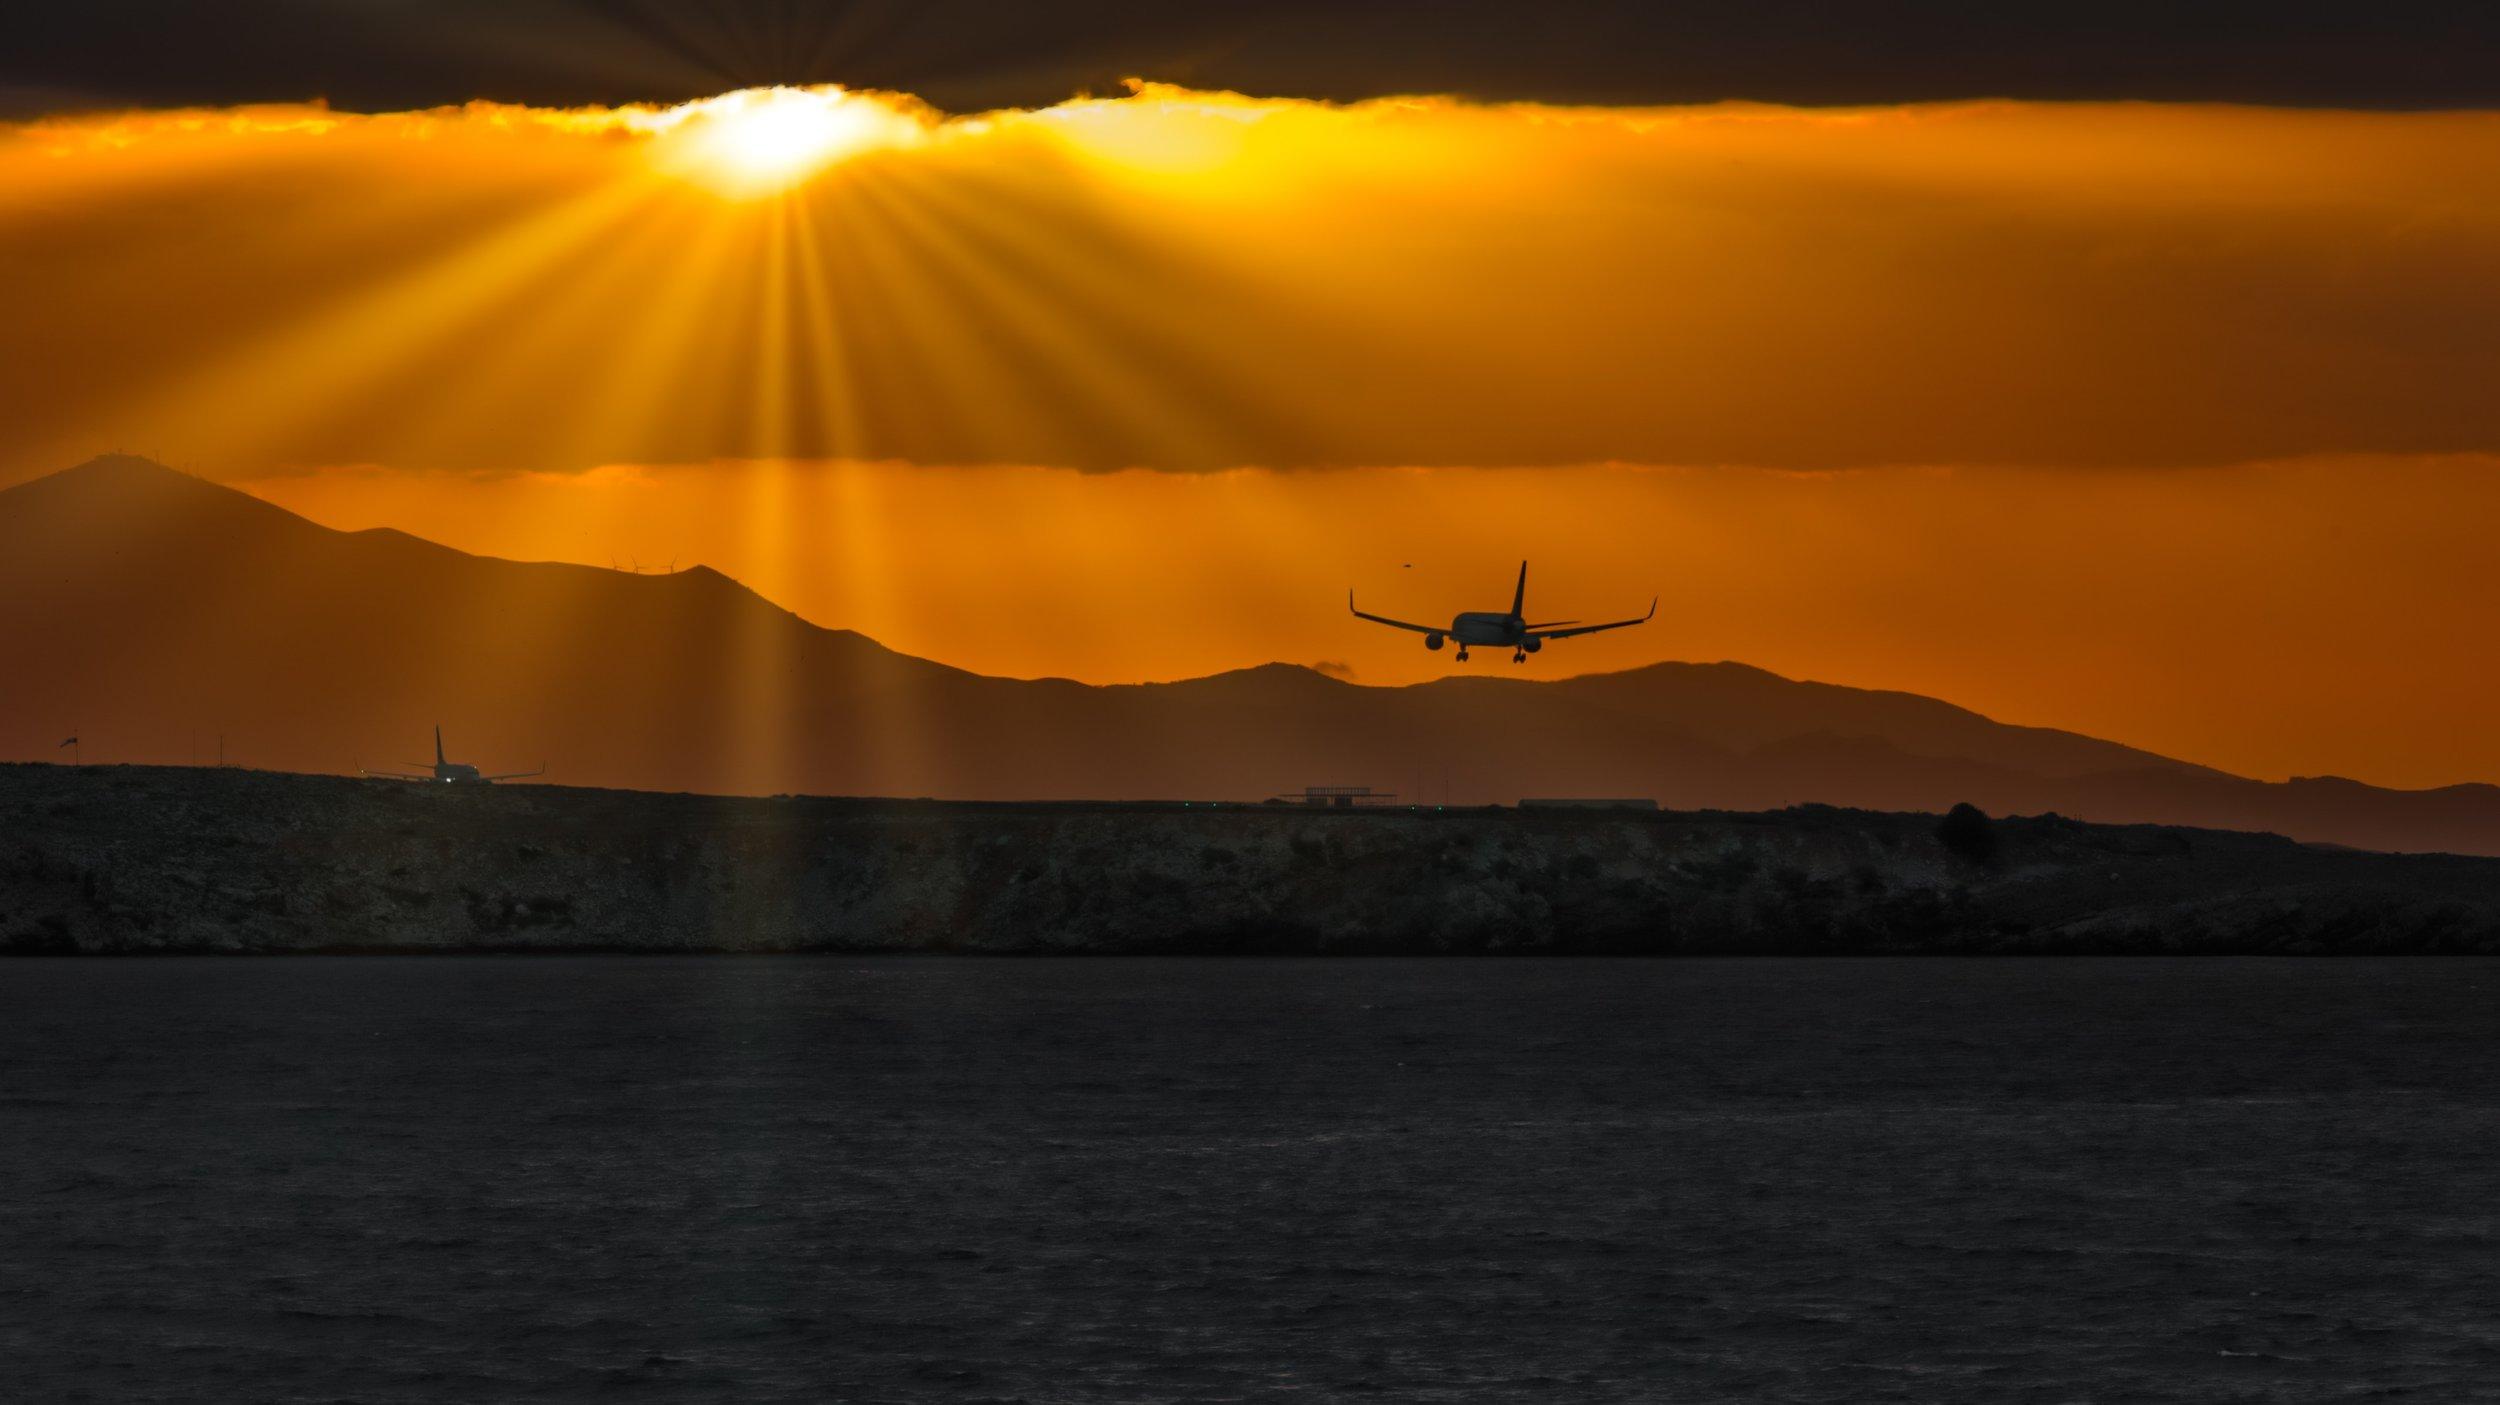 airplanes-airport-beach-1076033.jpg